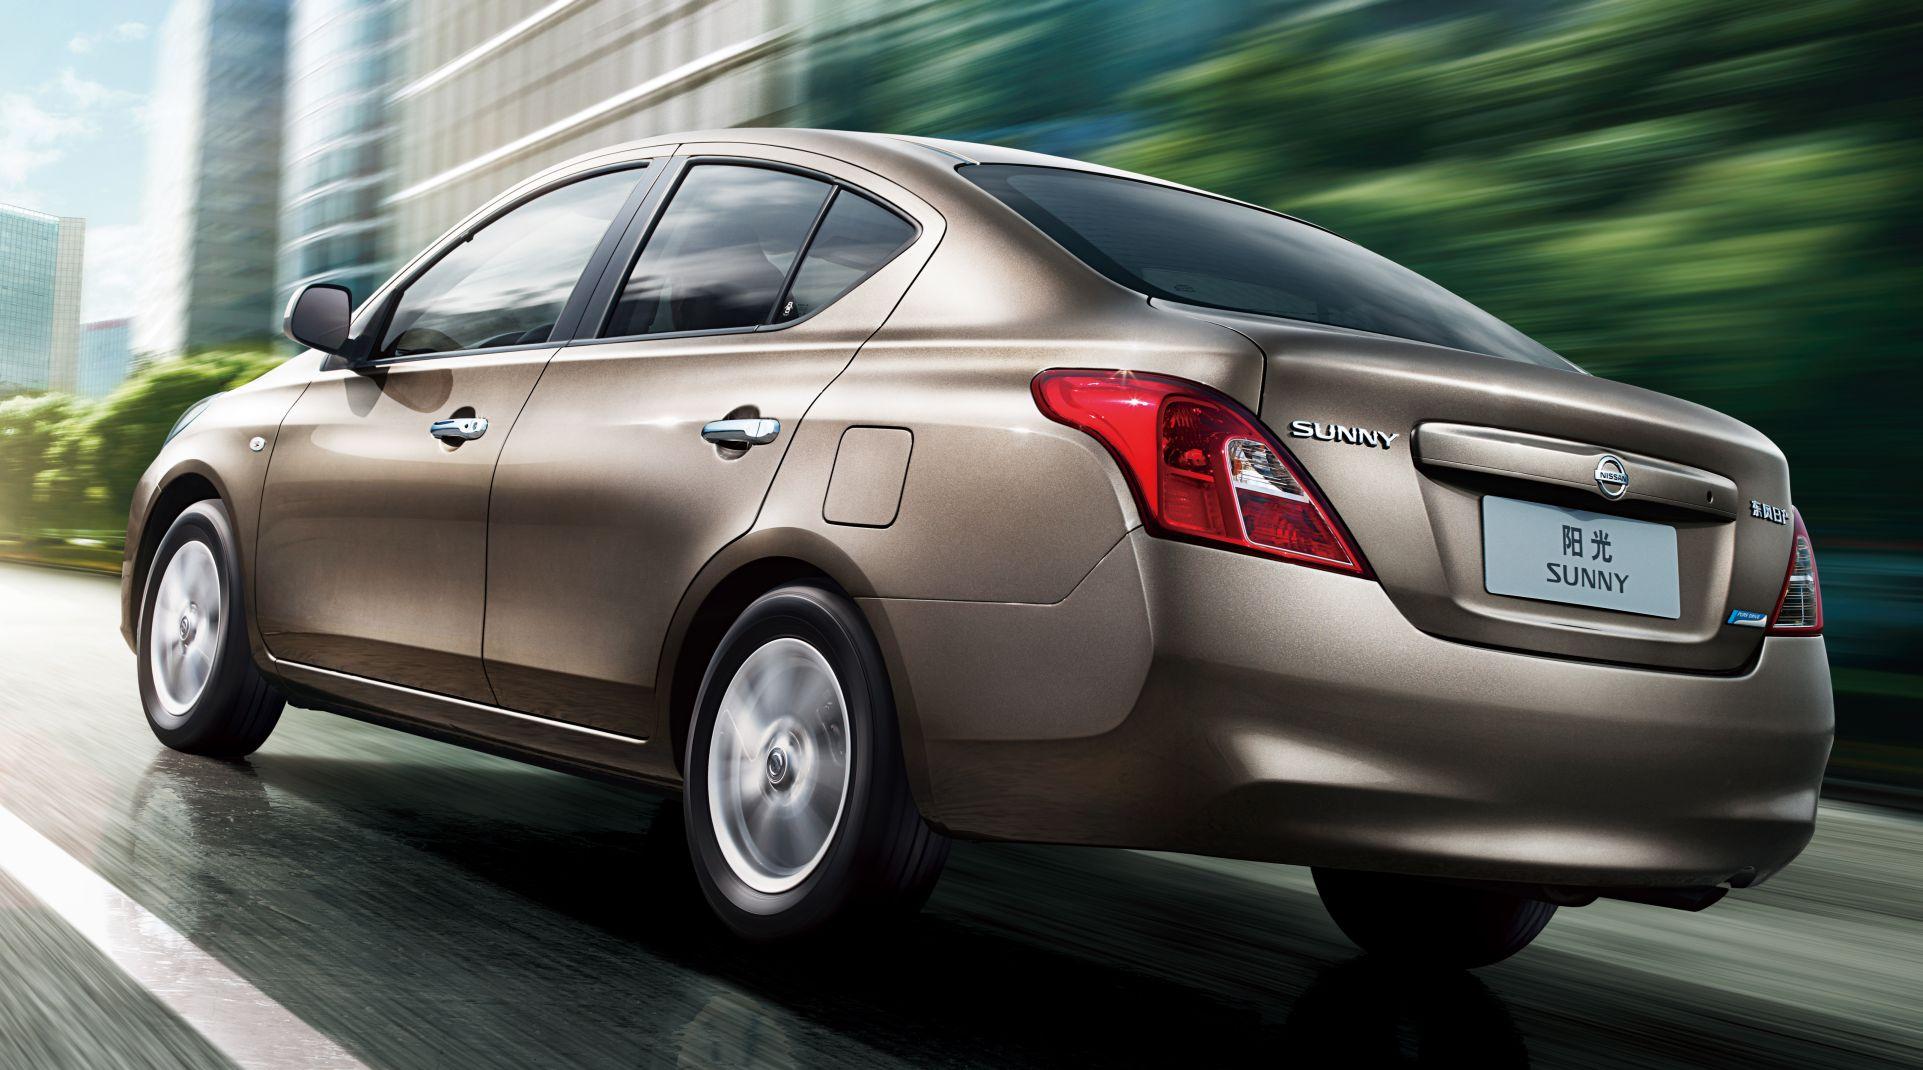 2011 Nissan Sunny Sedan